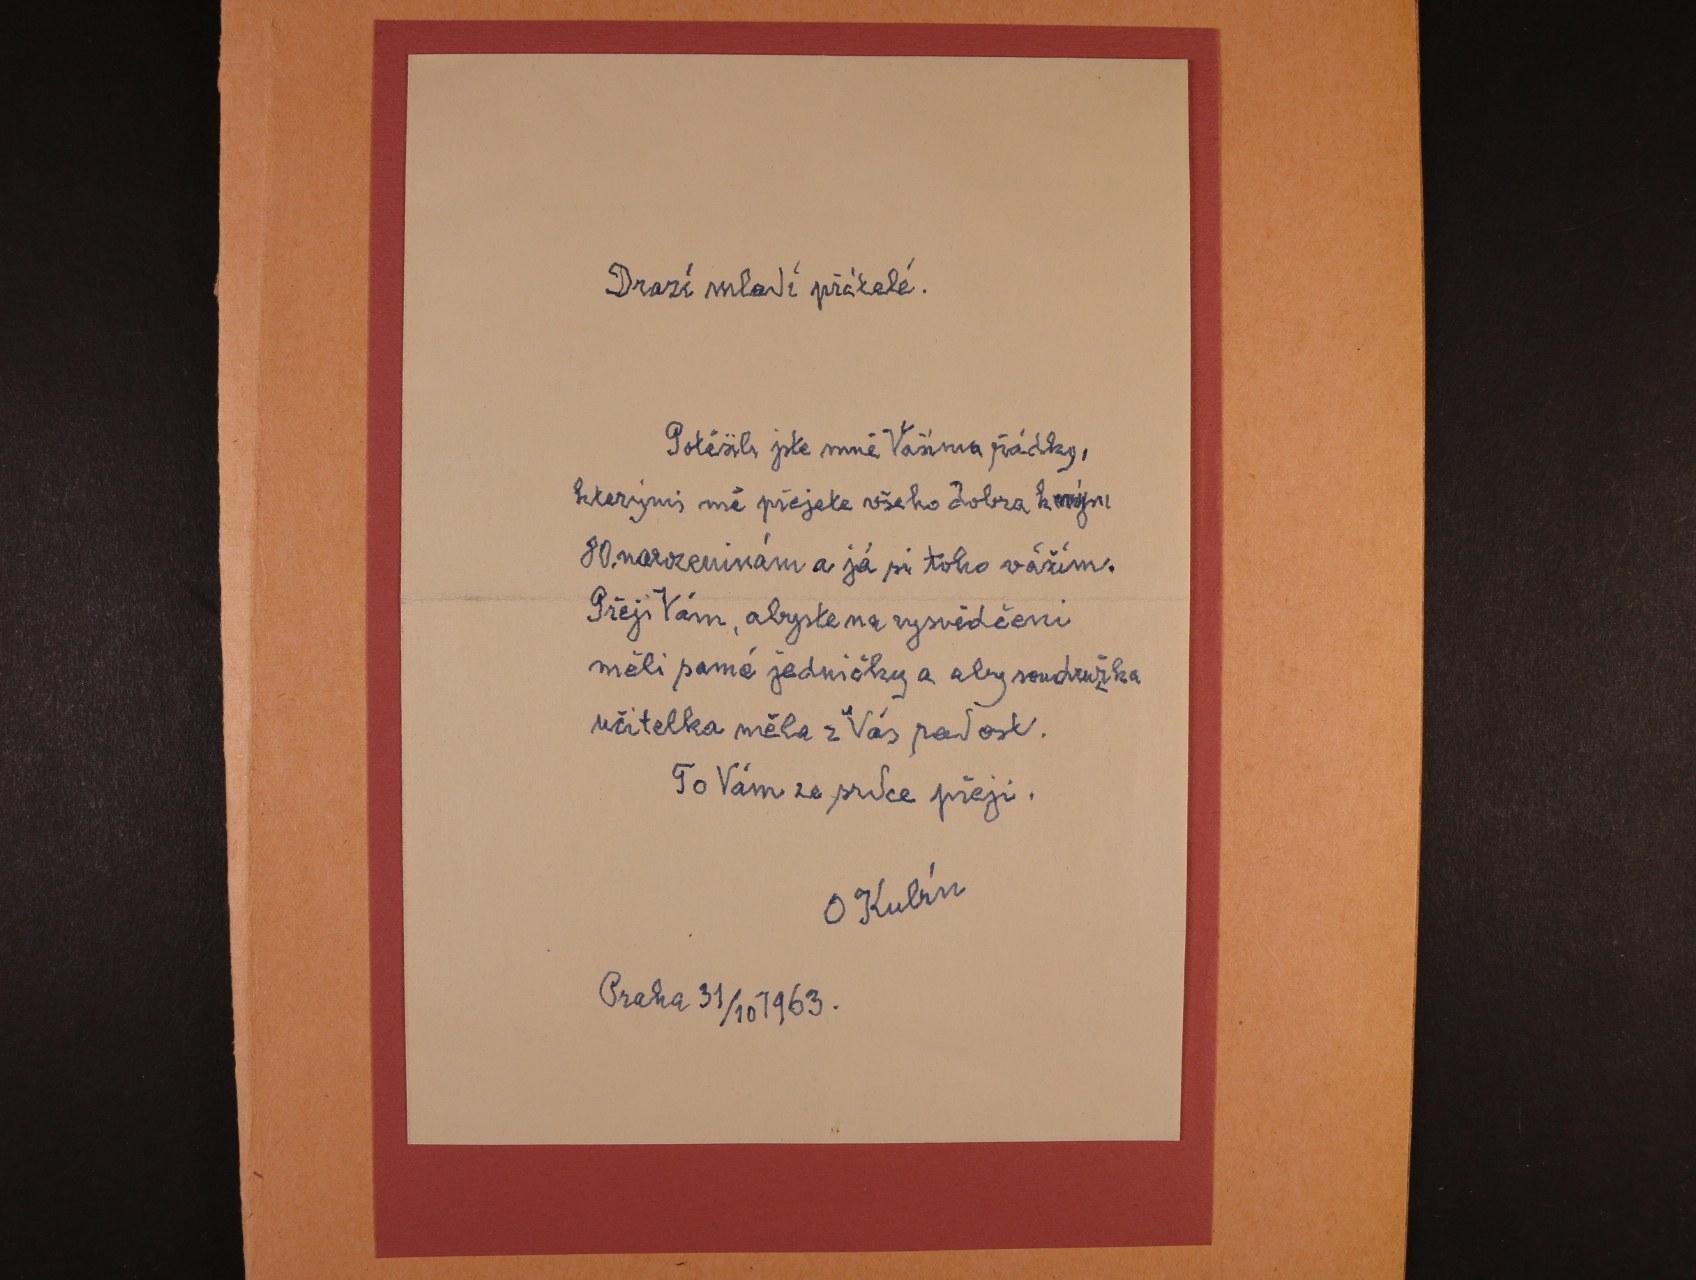 Kubín Otakar (Coubine) 1883 - 1969, význačný český malíř,  sochař a grafik - vlastnoručně psaný dopis s podpisem z r. 1963